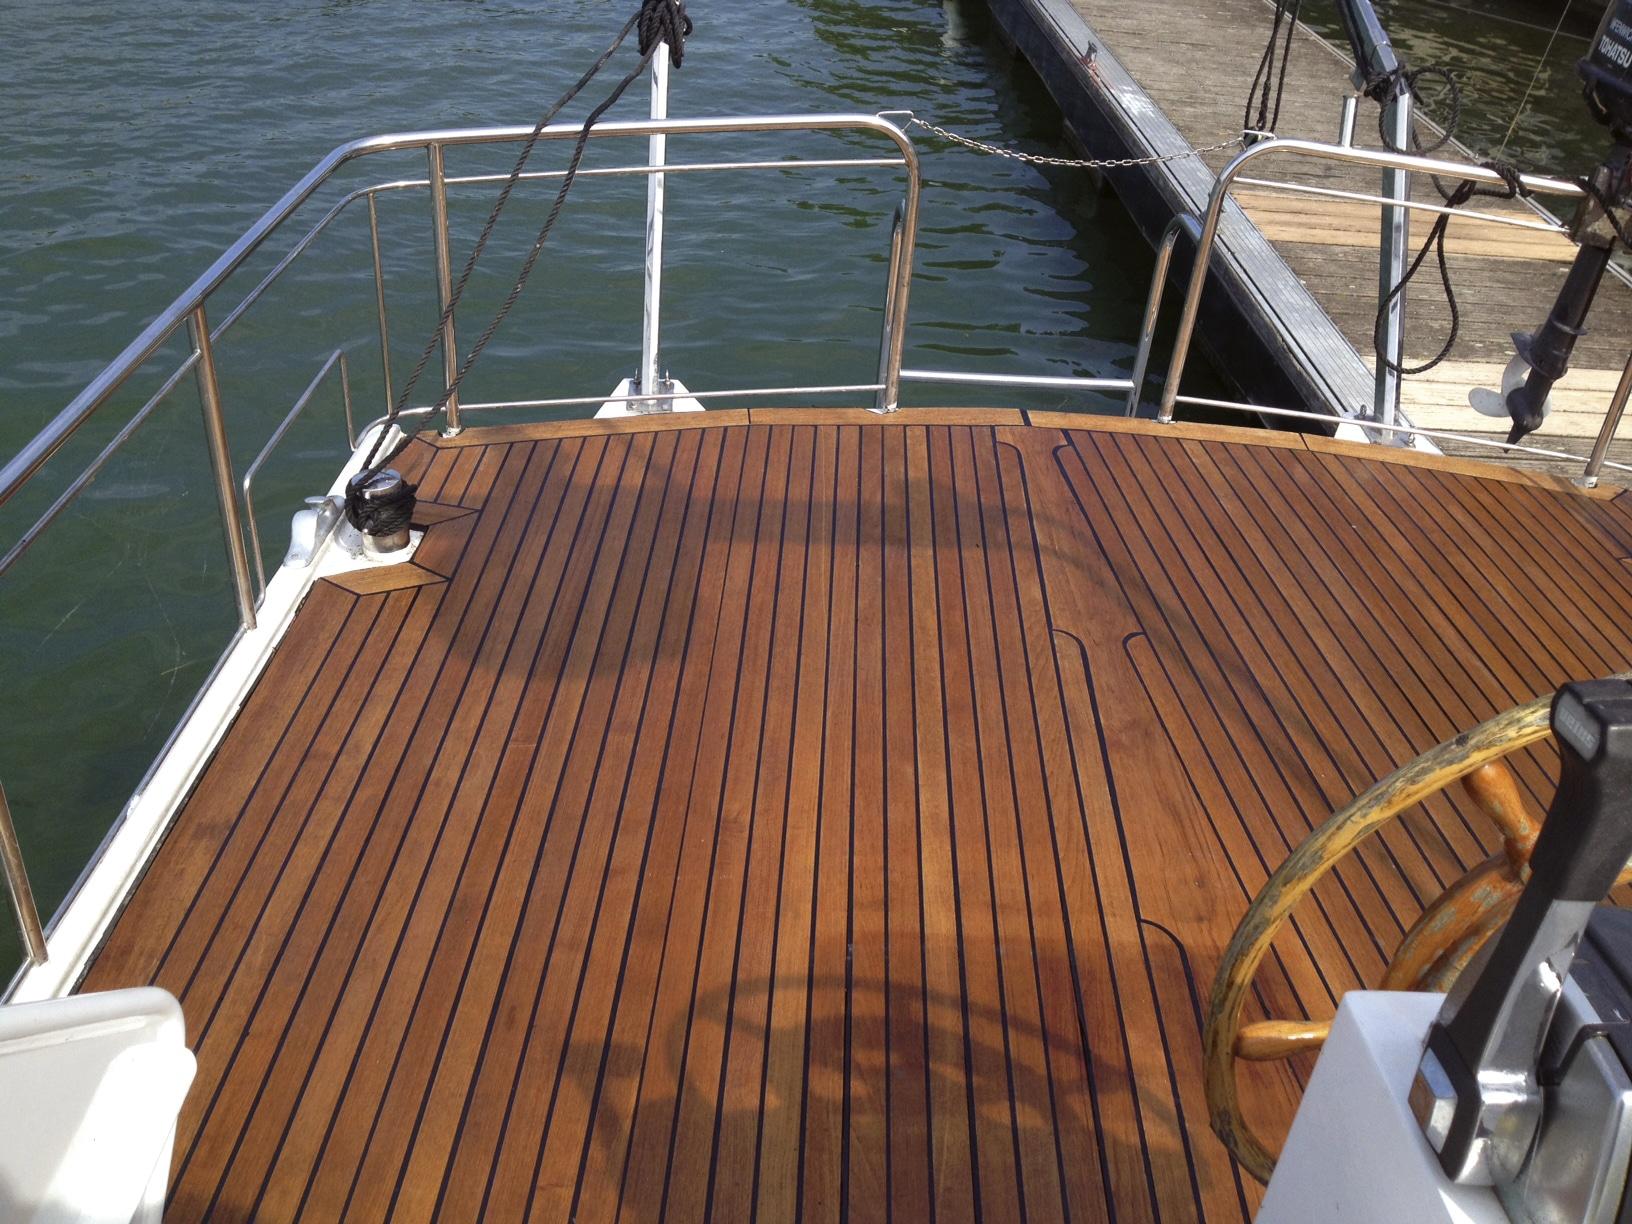 Deks Olje D1 applied to a boat deck